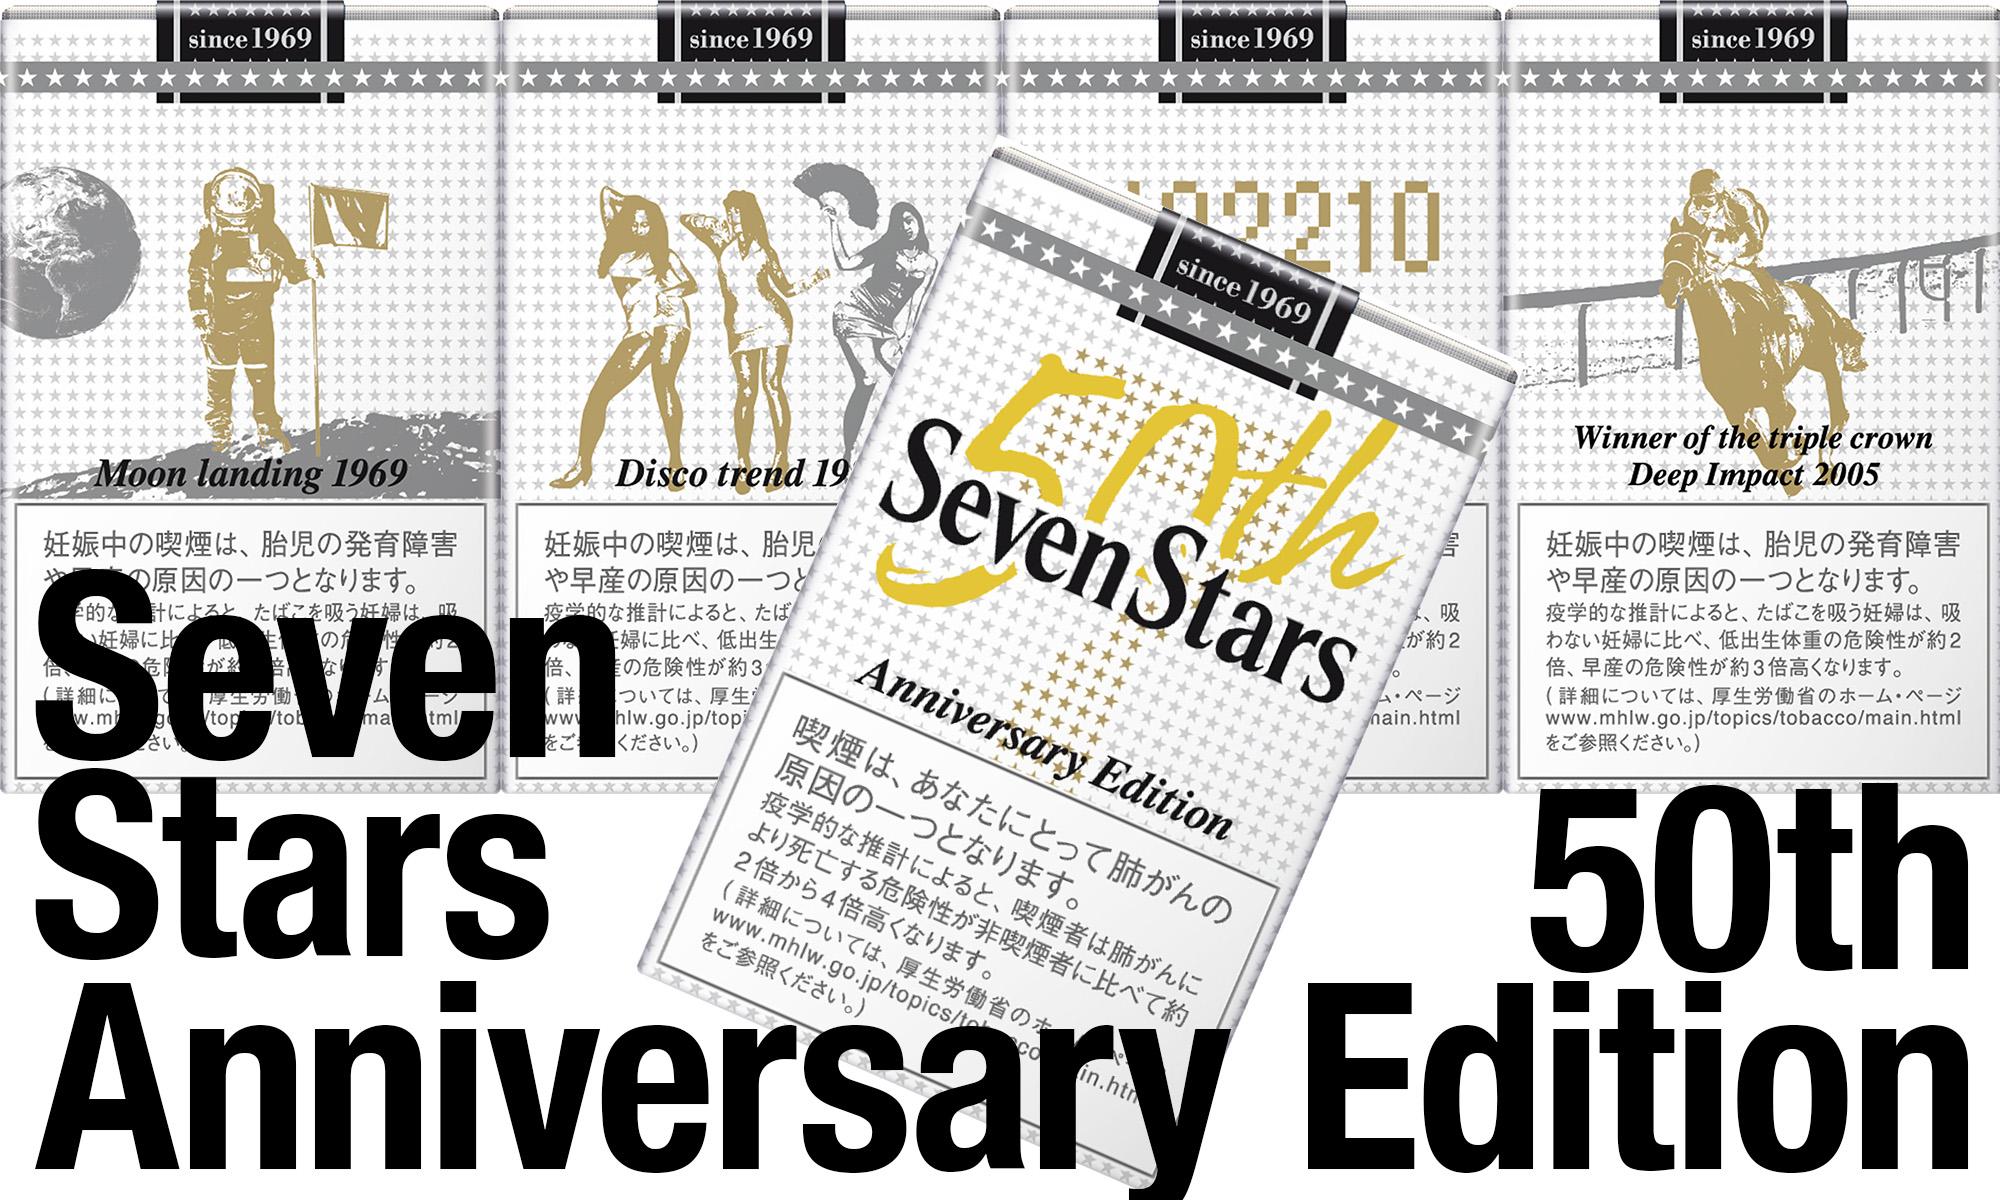 日本男児とともに歩む金字塔的たばこ生誕50周年 SevenStars -50th Anniversary Edition-